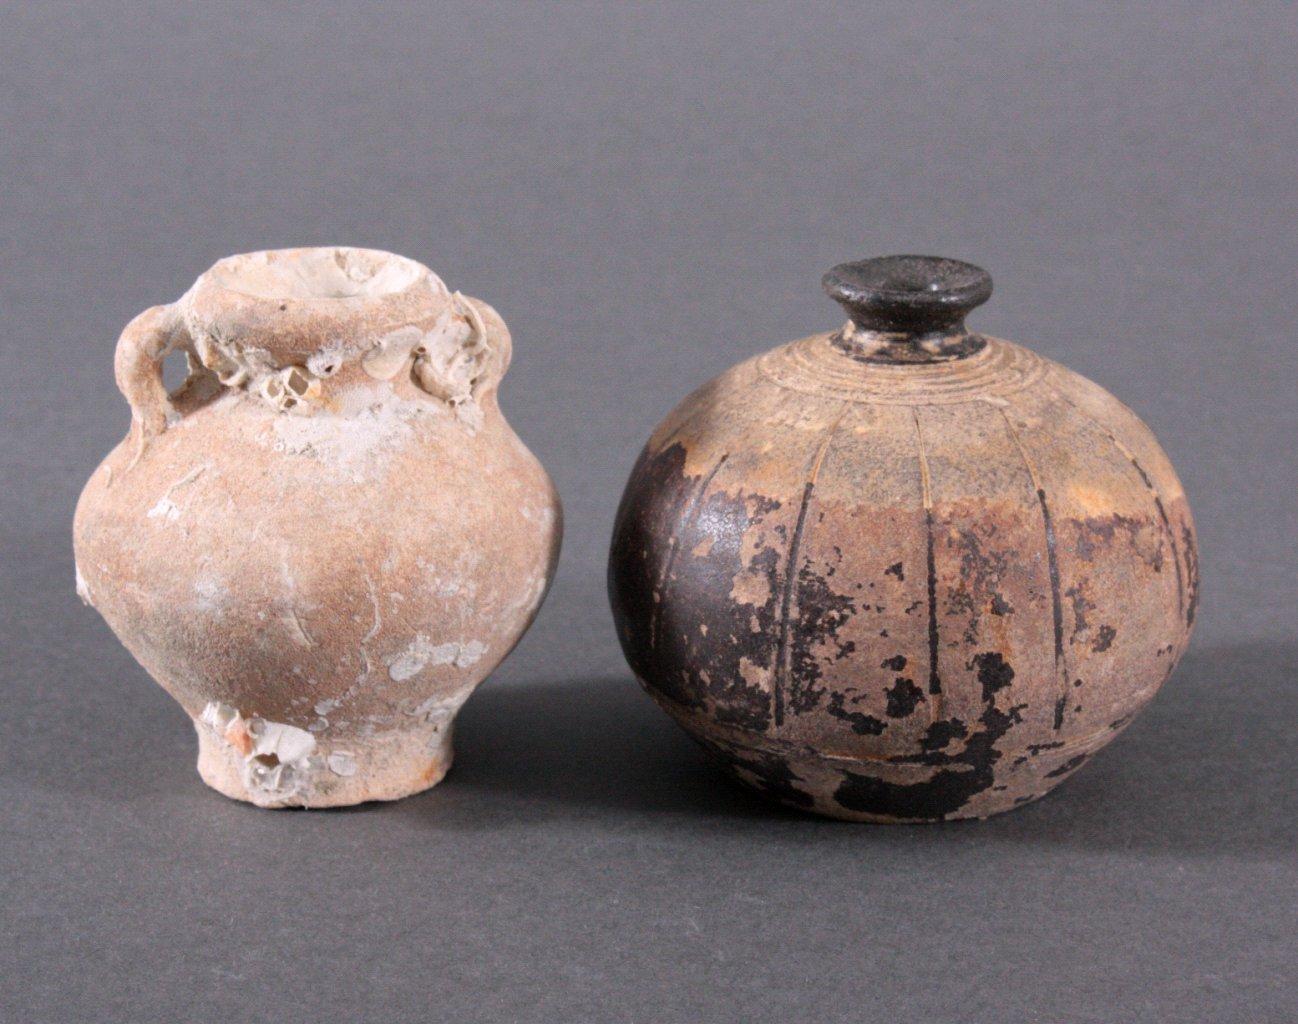 2 Kleine Vorratsgefäße, Angkor-Periode 12./13. Jh.